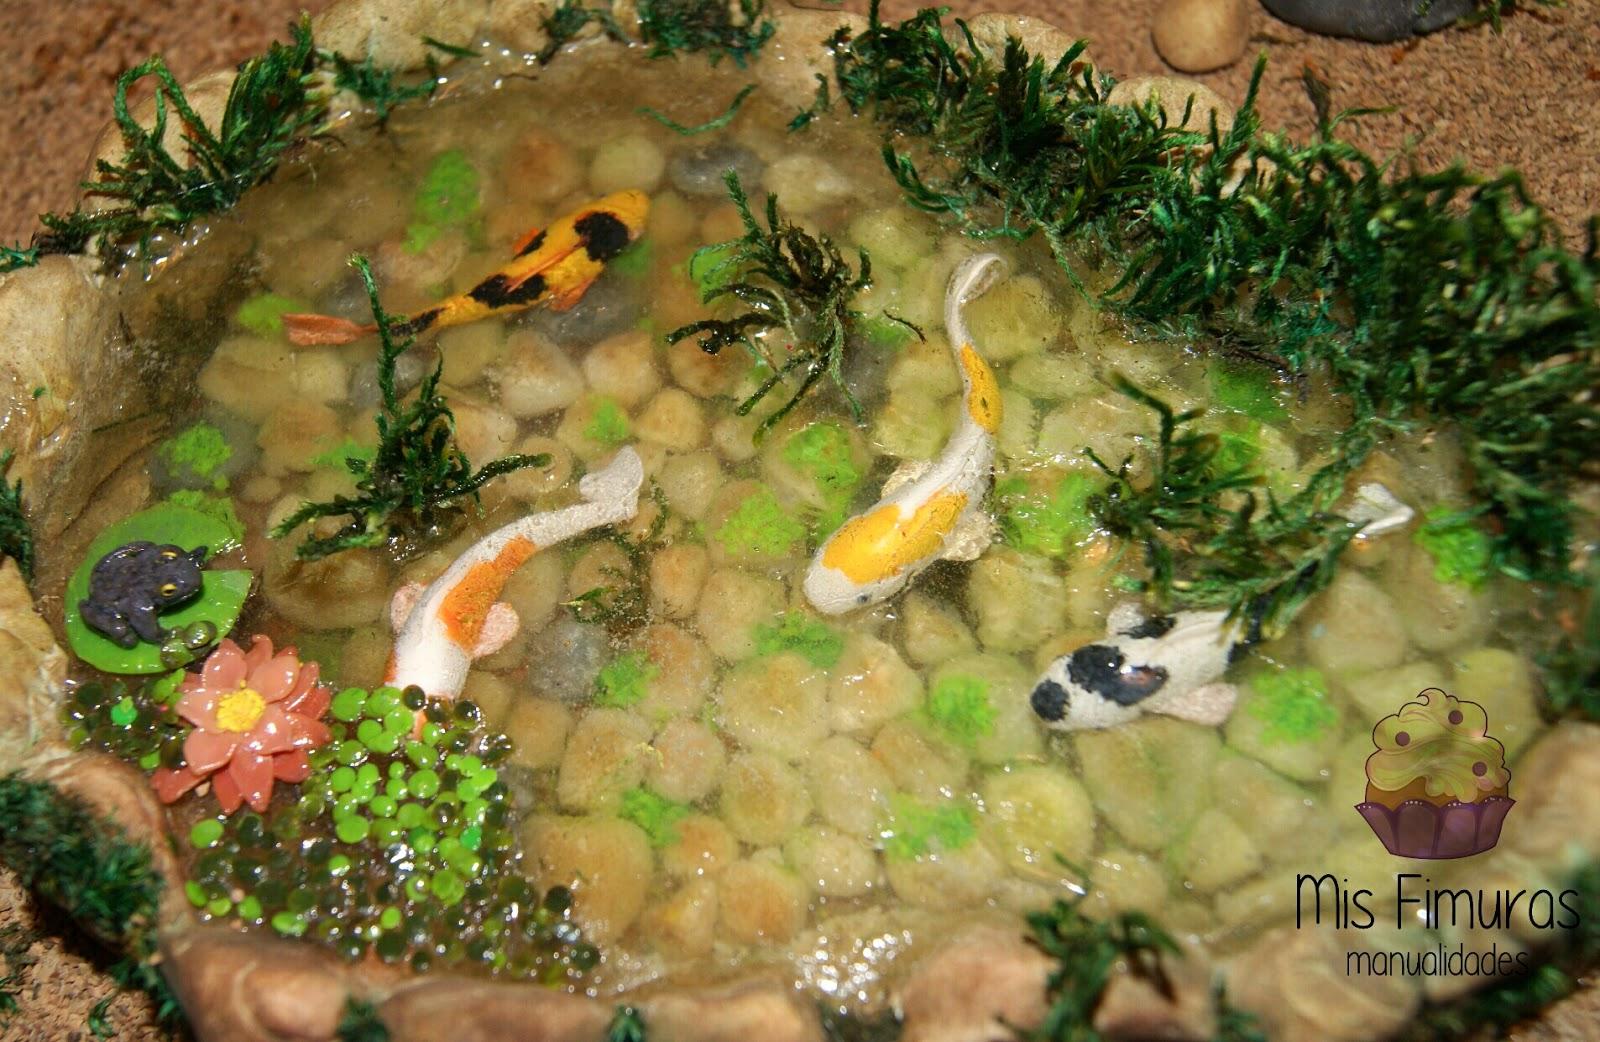 Mis fimuras estanque carpas koi for Como hacer un estanque para peces koi